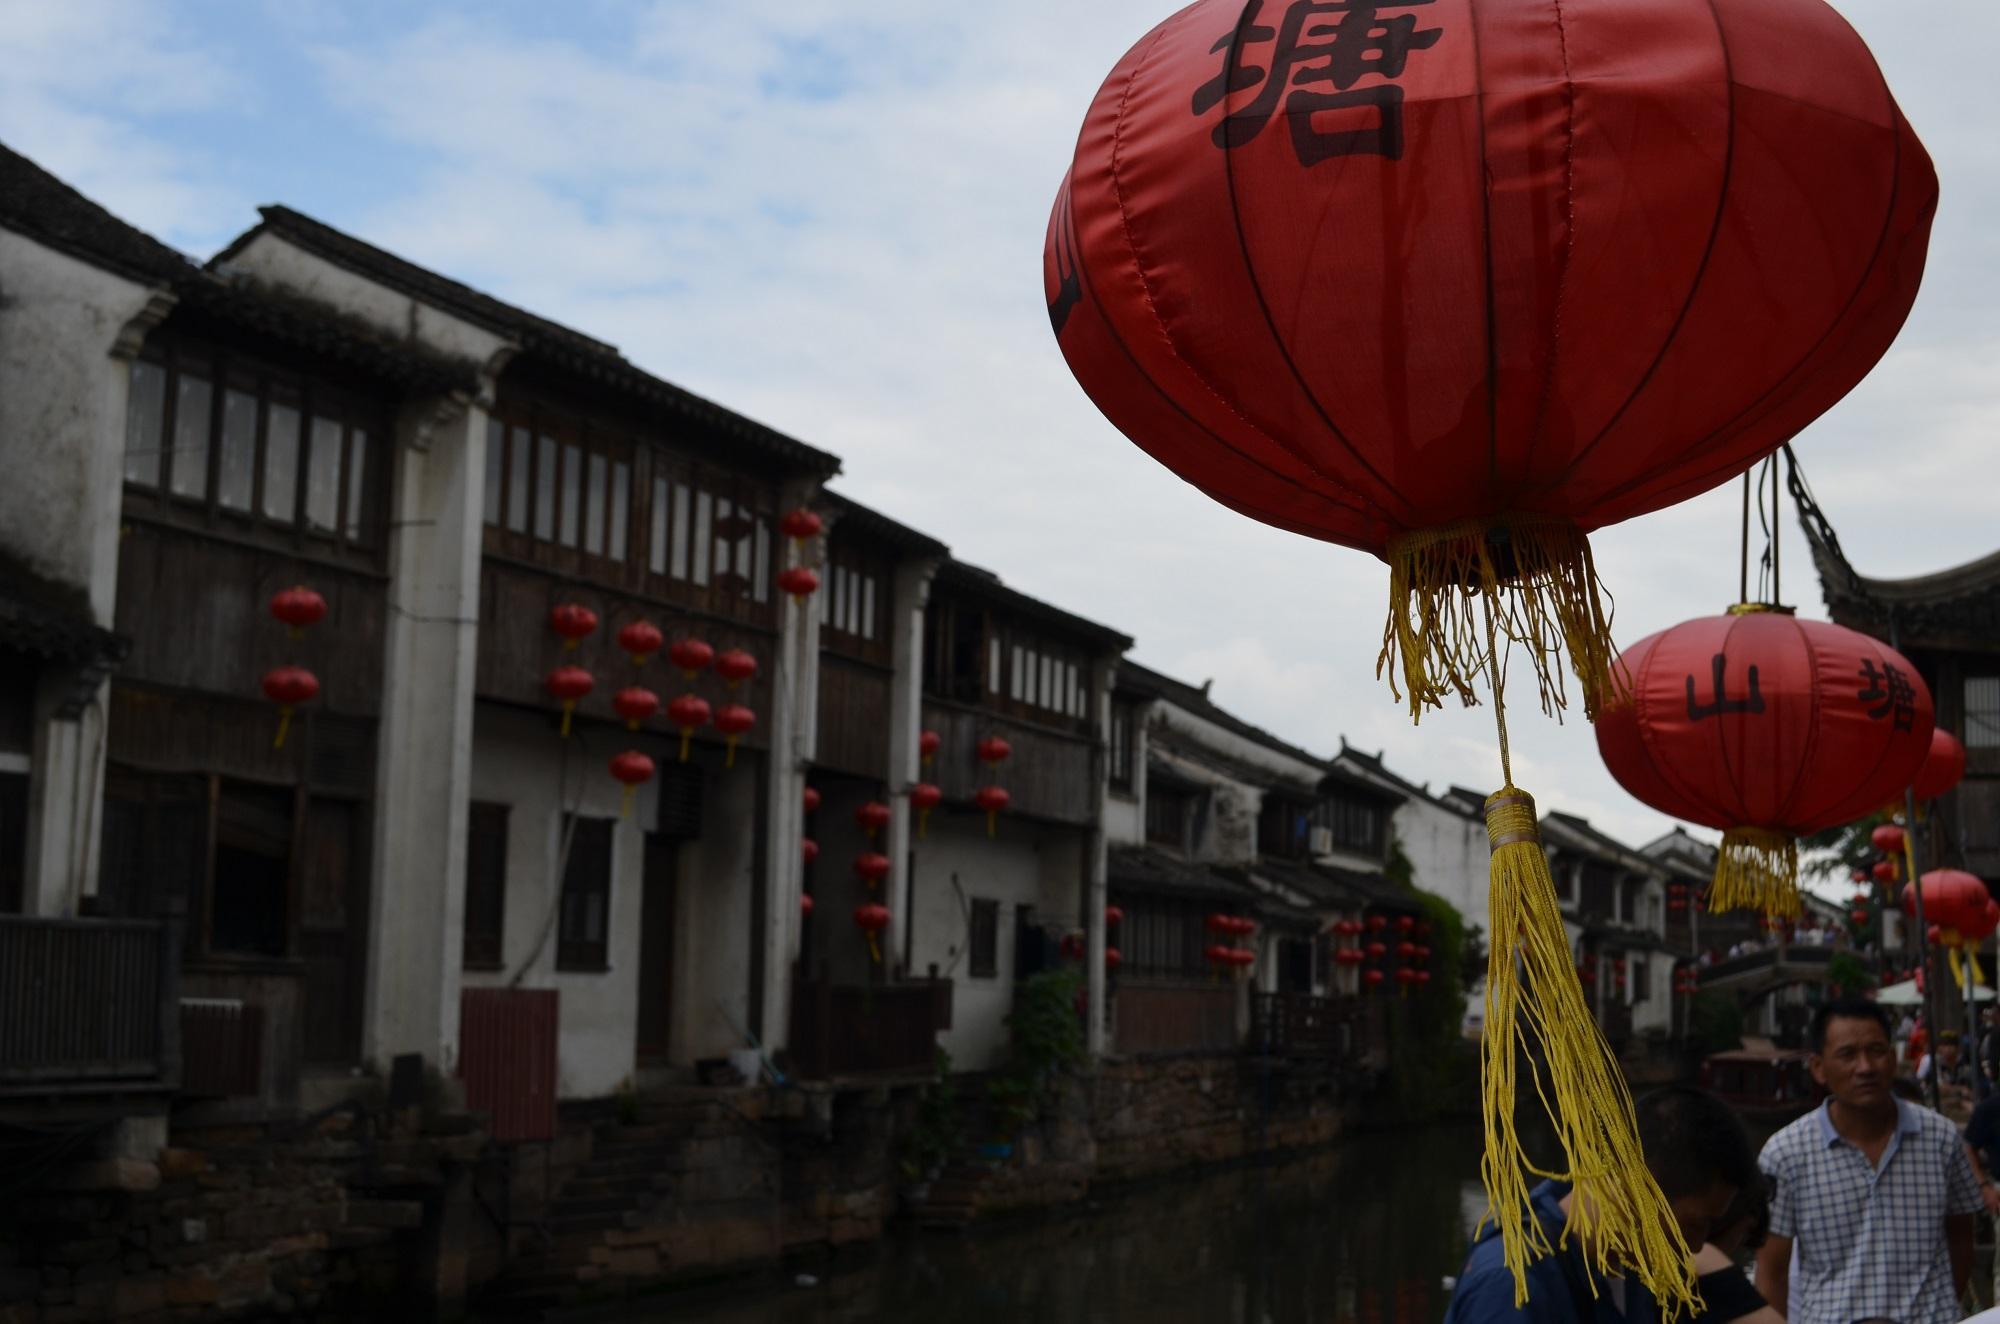 Laterne über einem Kanal in der Altstadt Suzhous